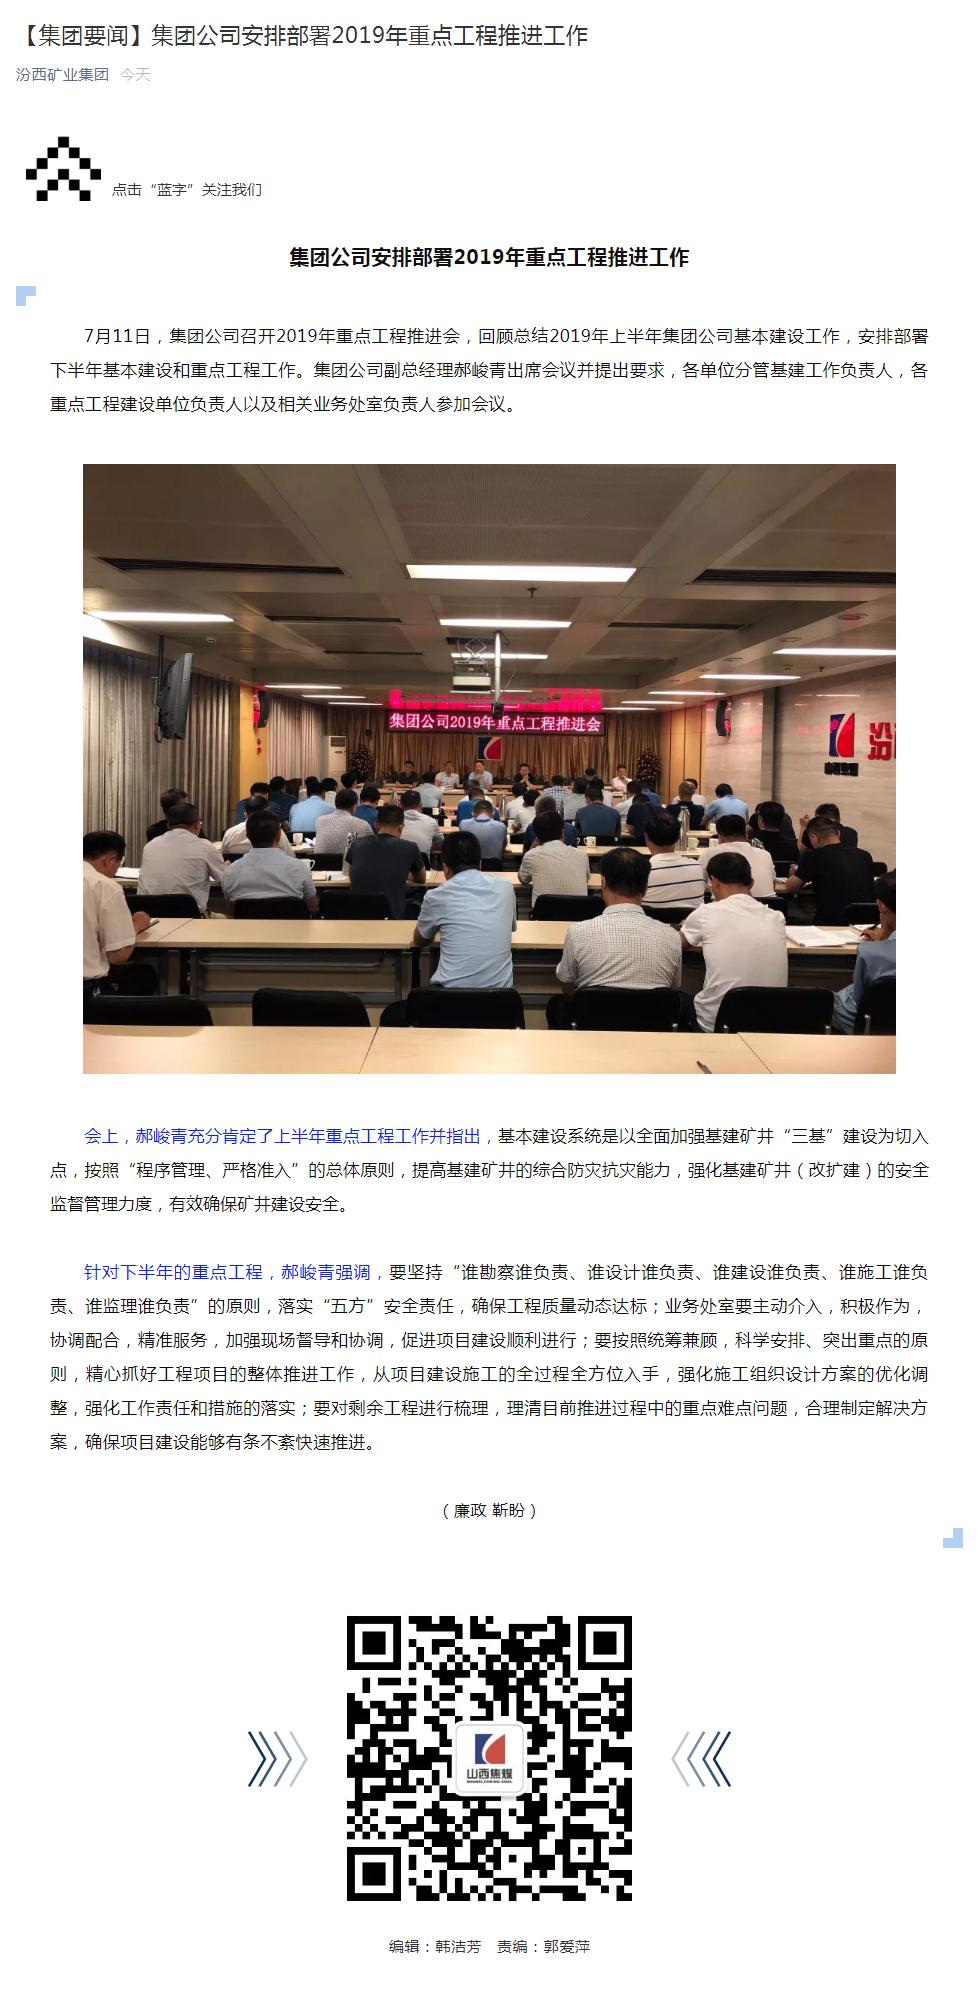 【集團要聞】集團公司安排部署2019年重點工程推進工作.png